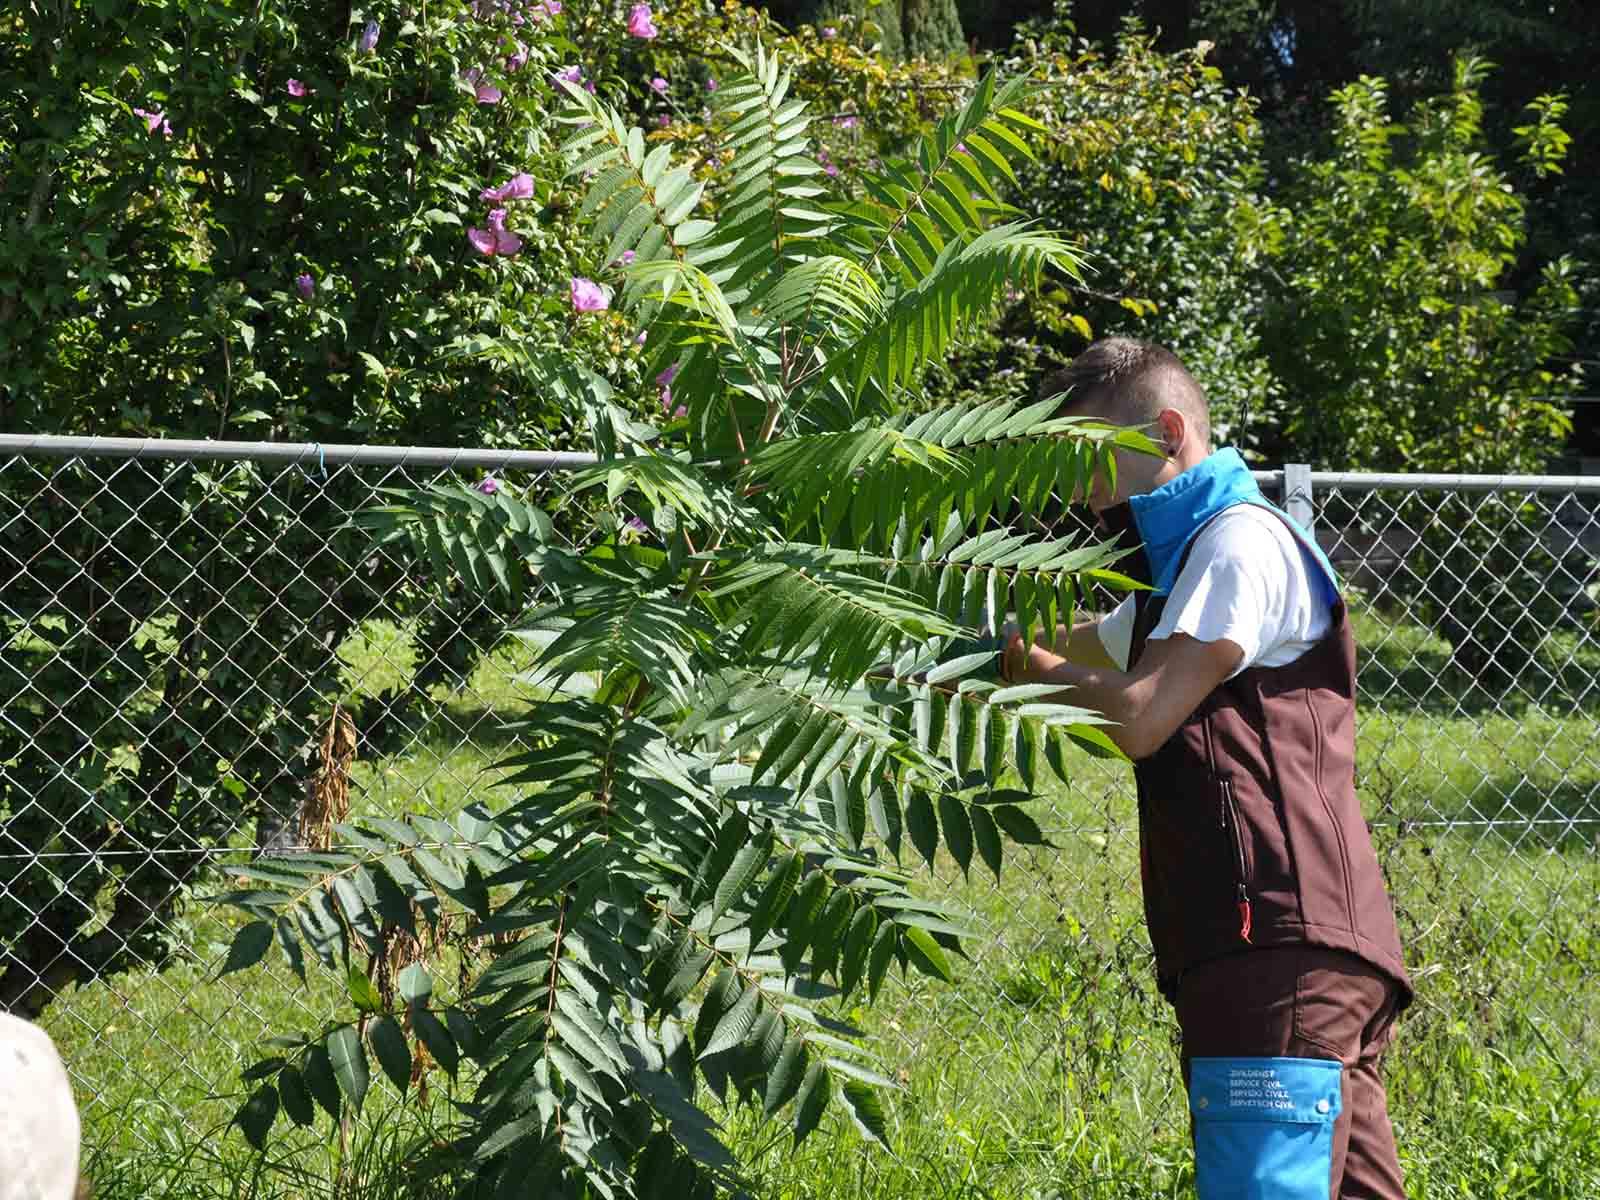 Ein Zivildienstleistender beim Entfernen eines Essigbaums.